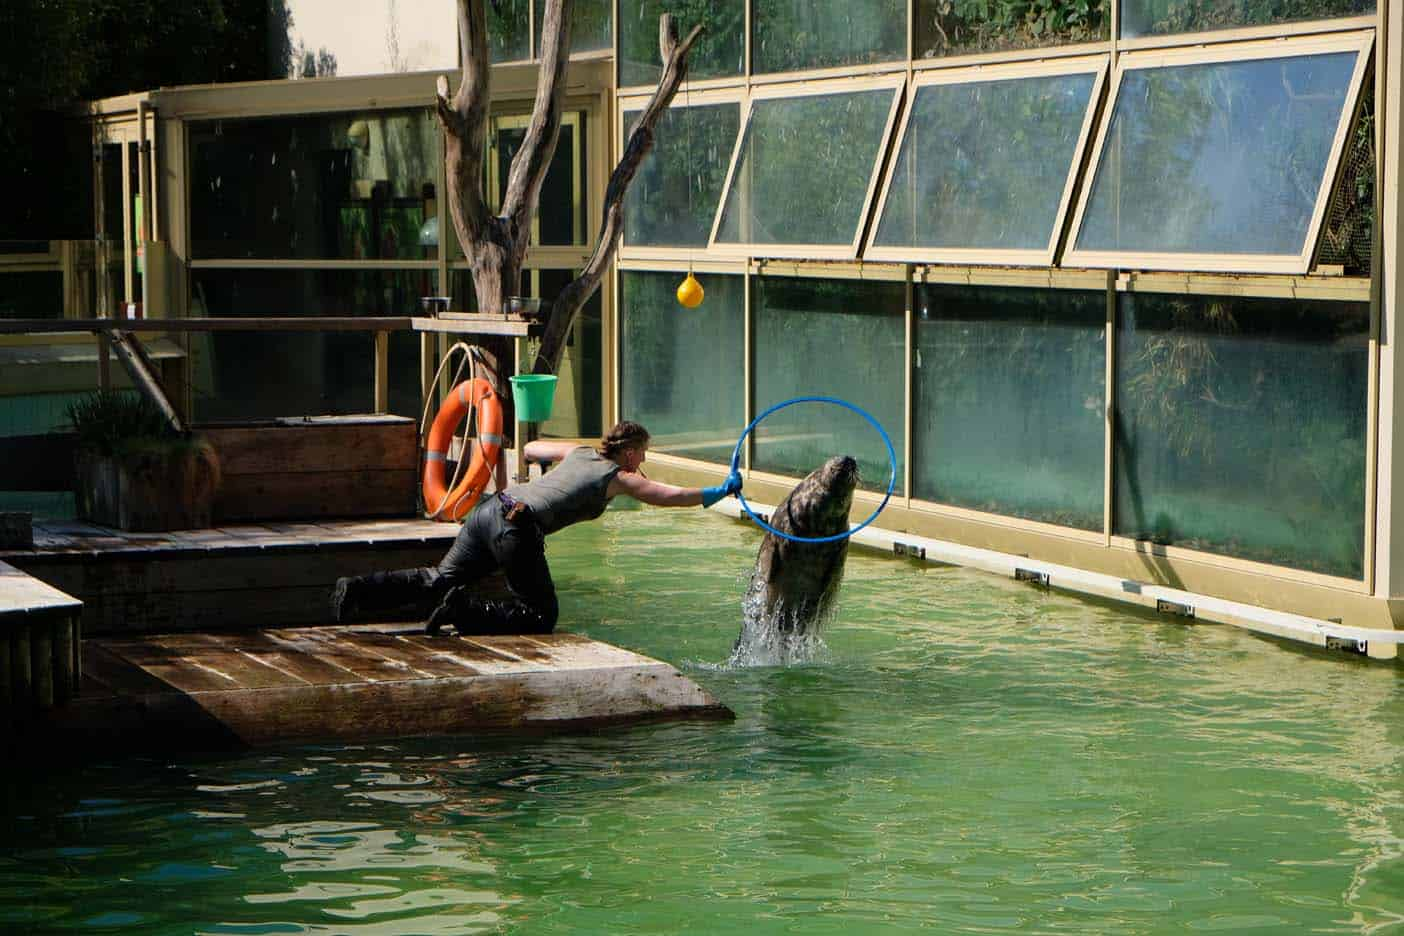 Zeerobben munster zoo